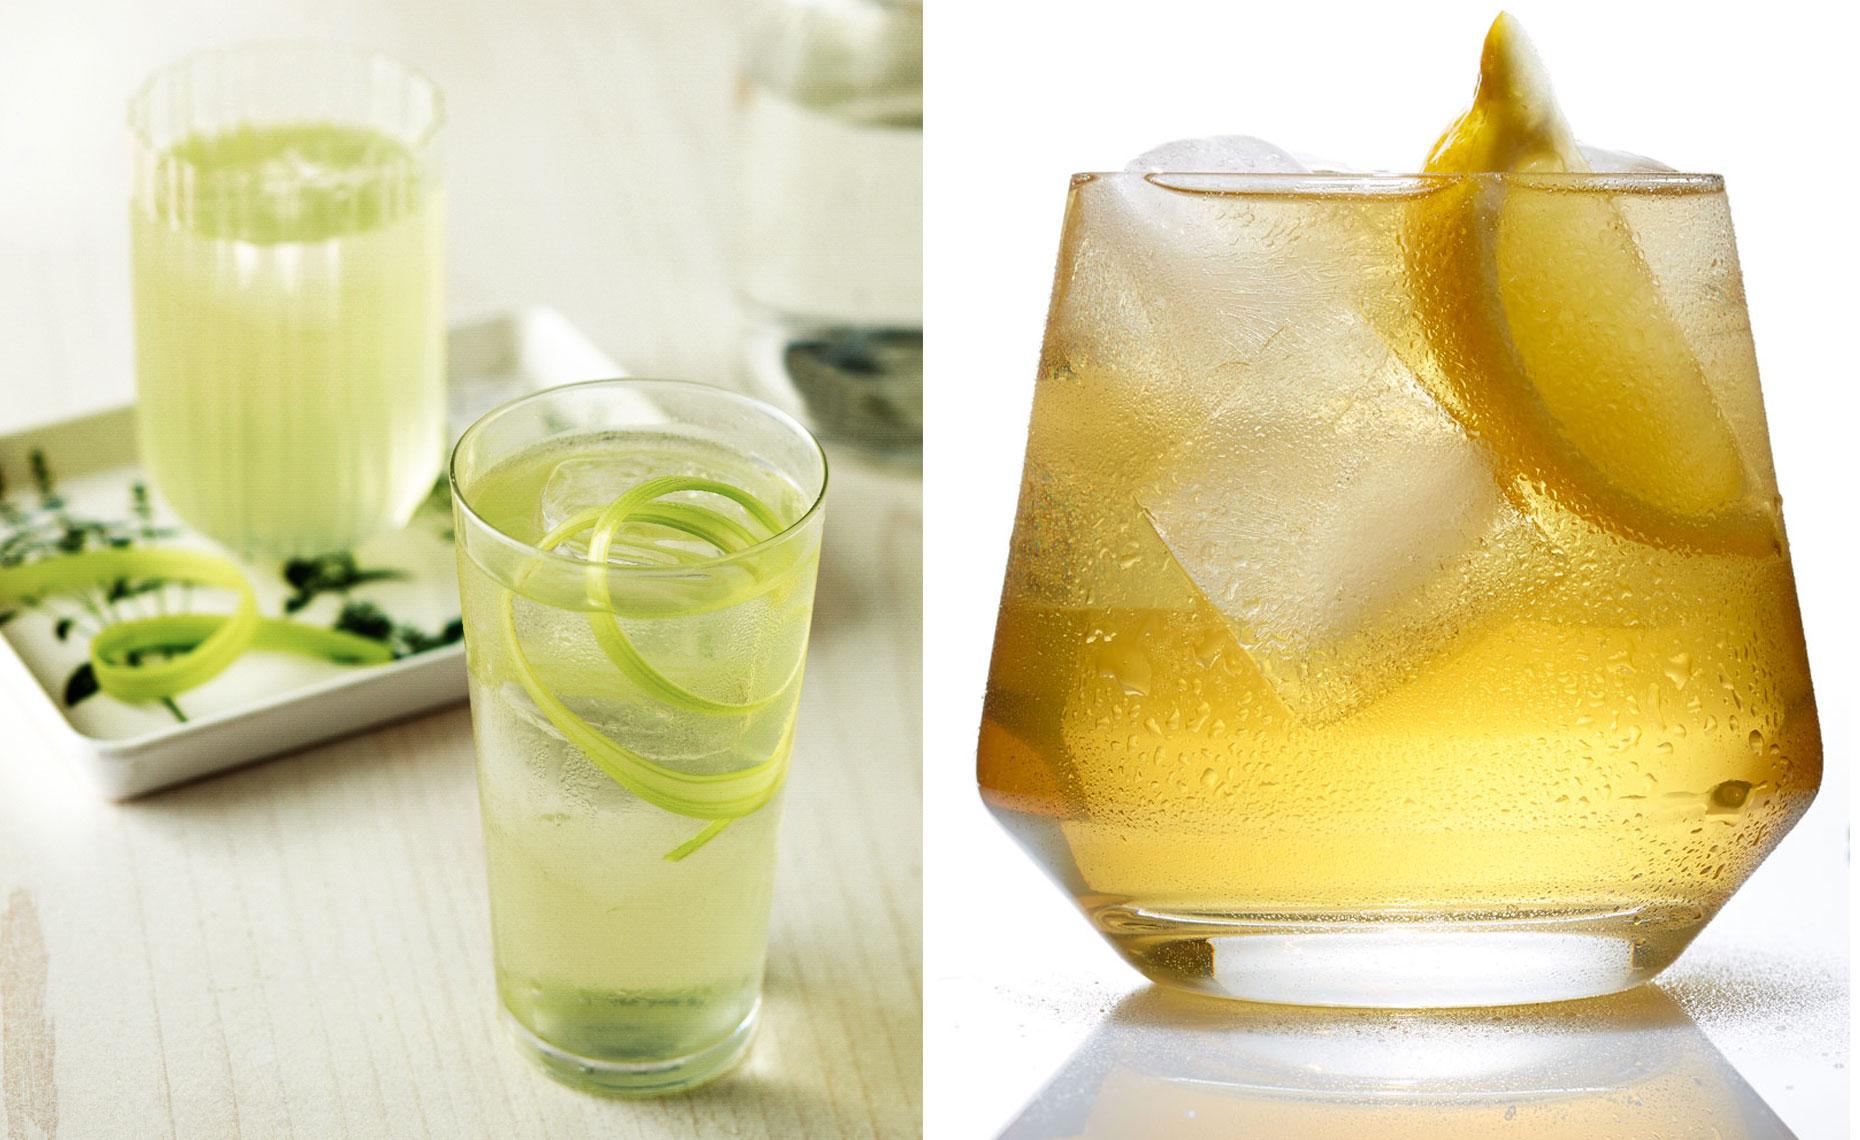 celery-and-lemon-wedge.jpg